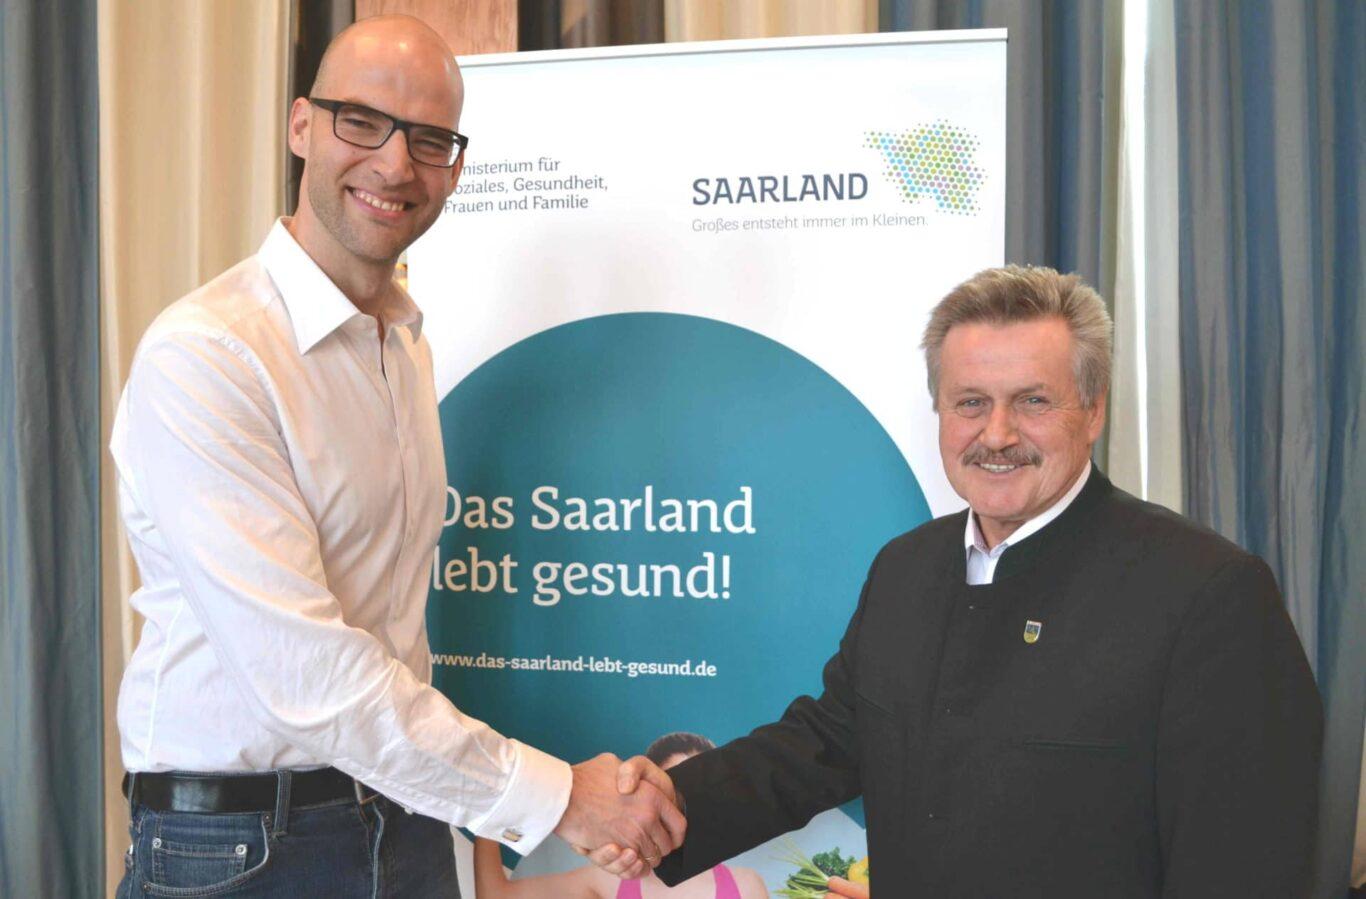 Saarland lebt gesund